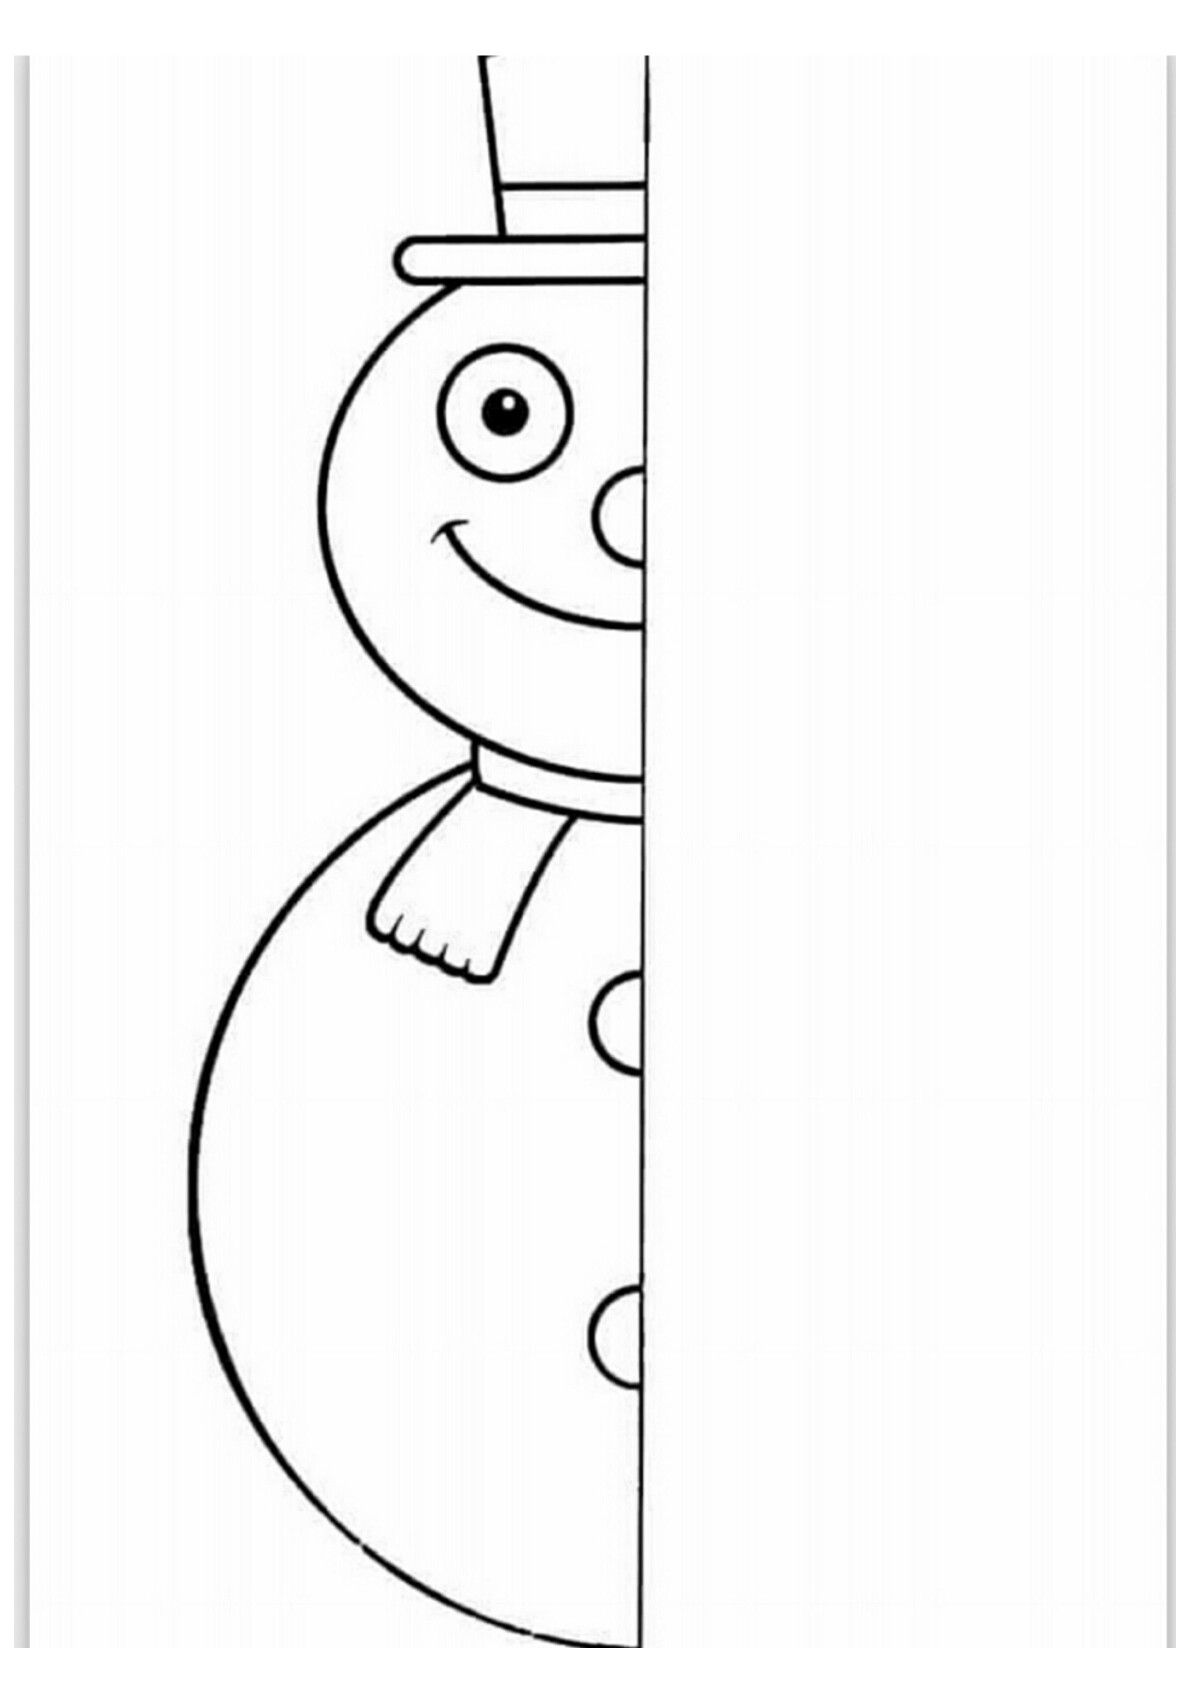 Pin by Silke Barthold on Mathe | Pinterest | Winter, Kindergarten ...